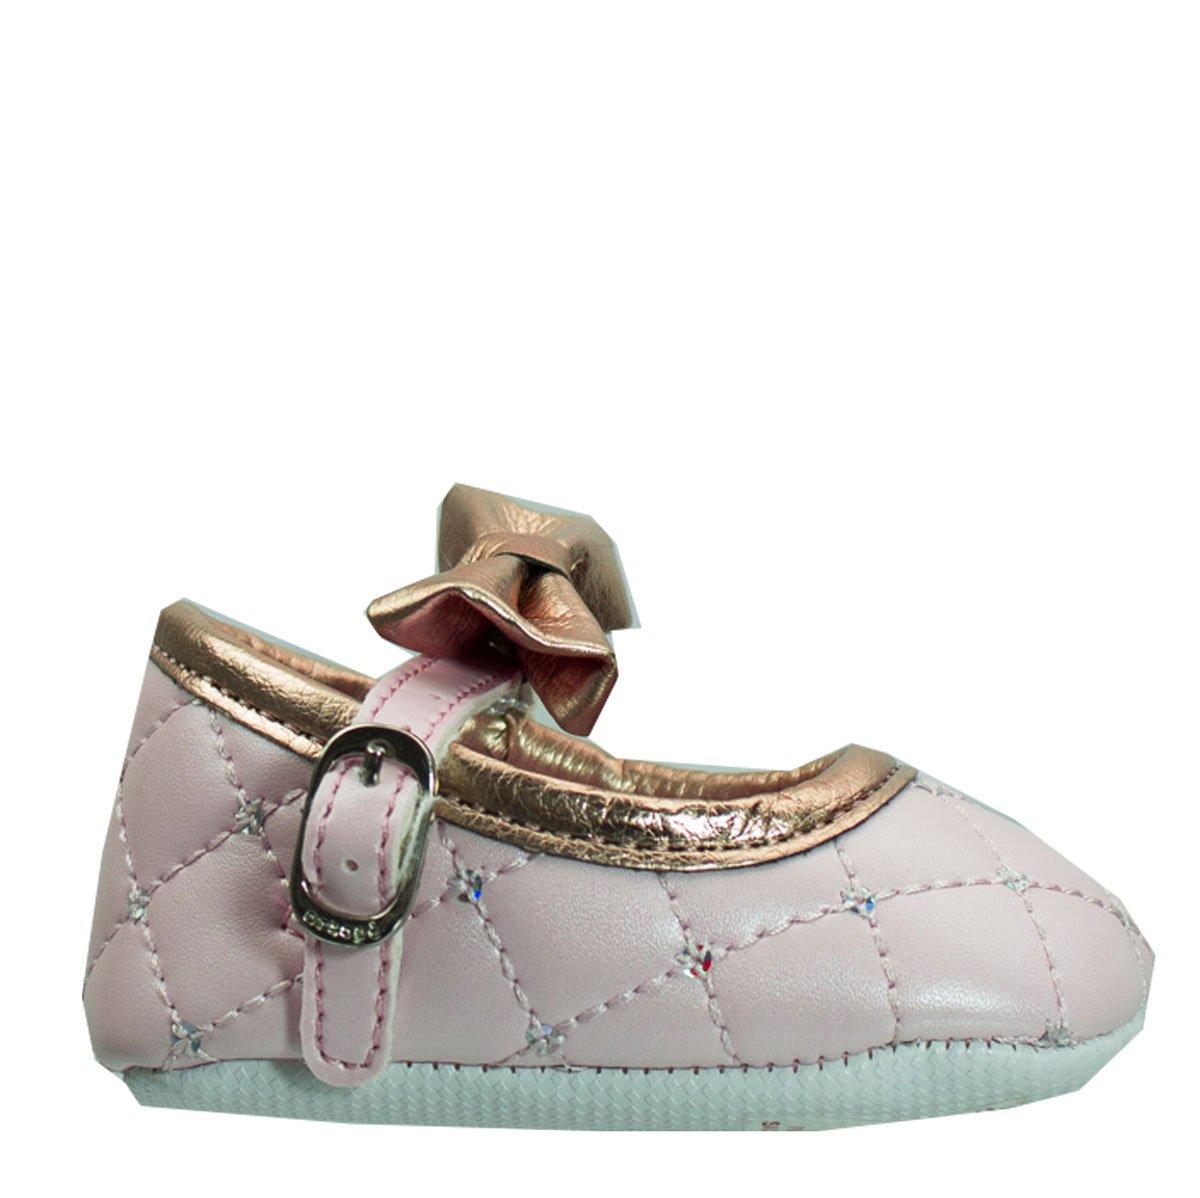 61669f6658 Bizz Store - Sapato Menina Recém Nascido Ortopé Perolado